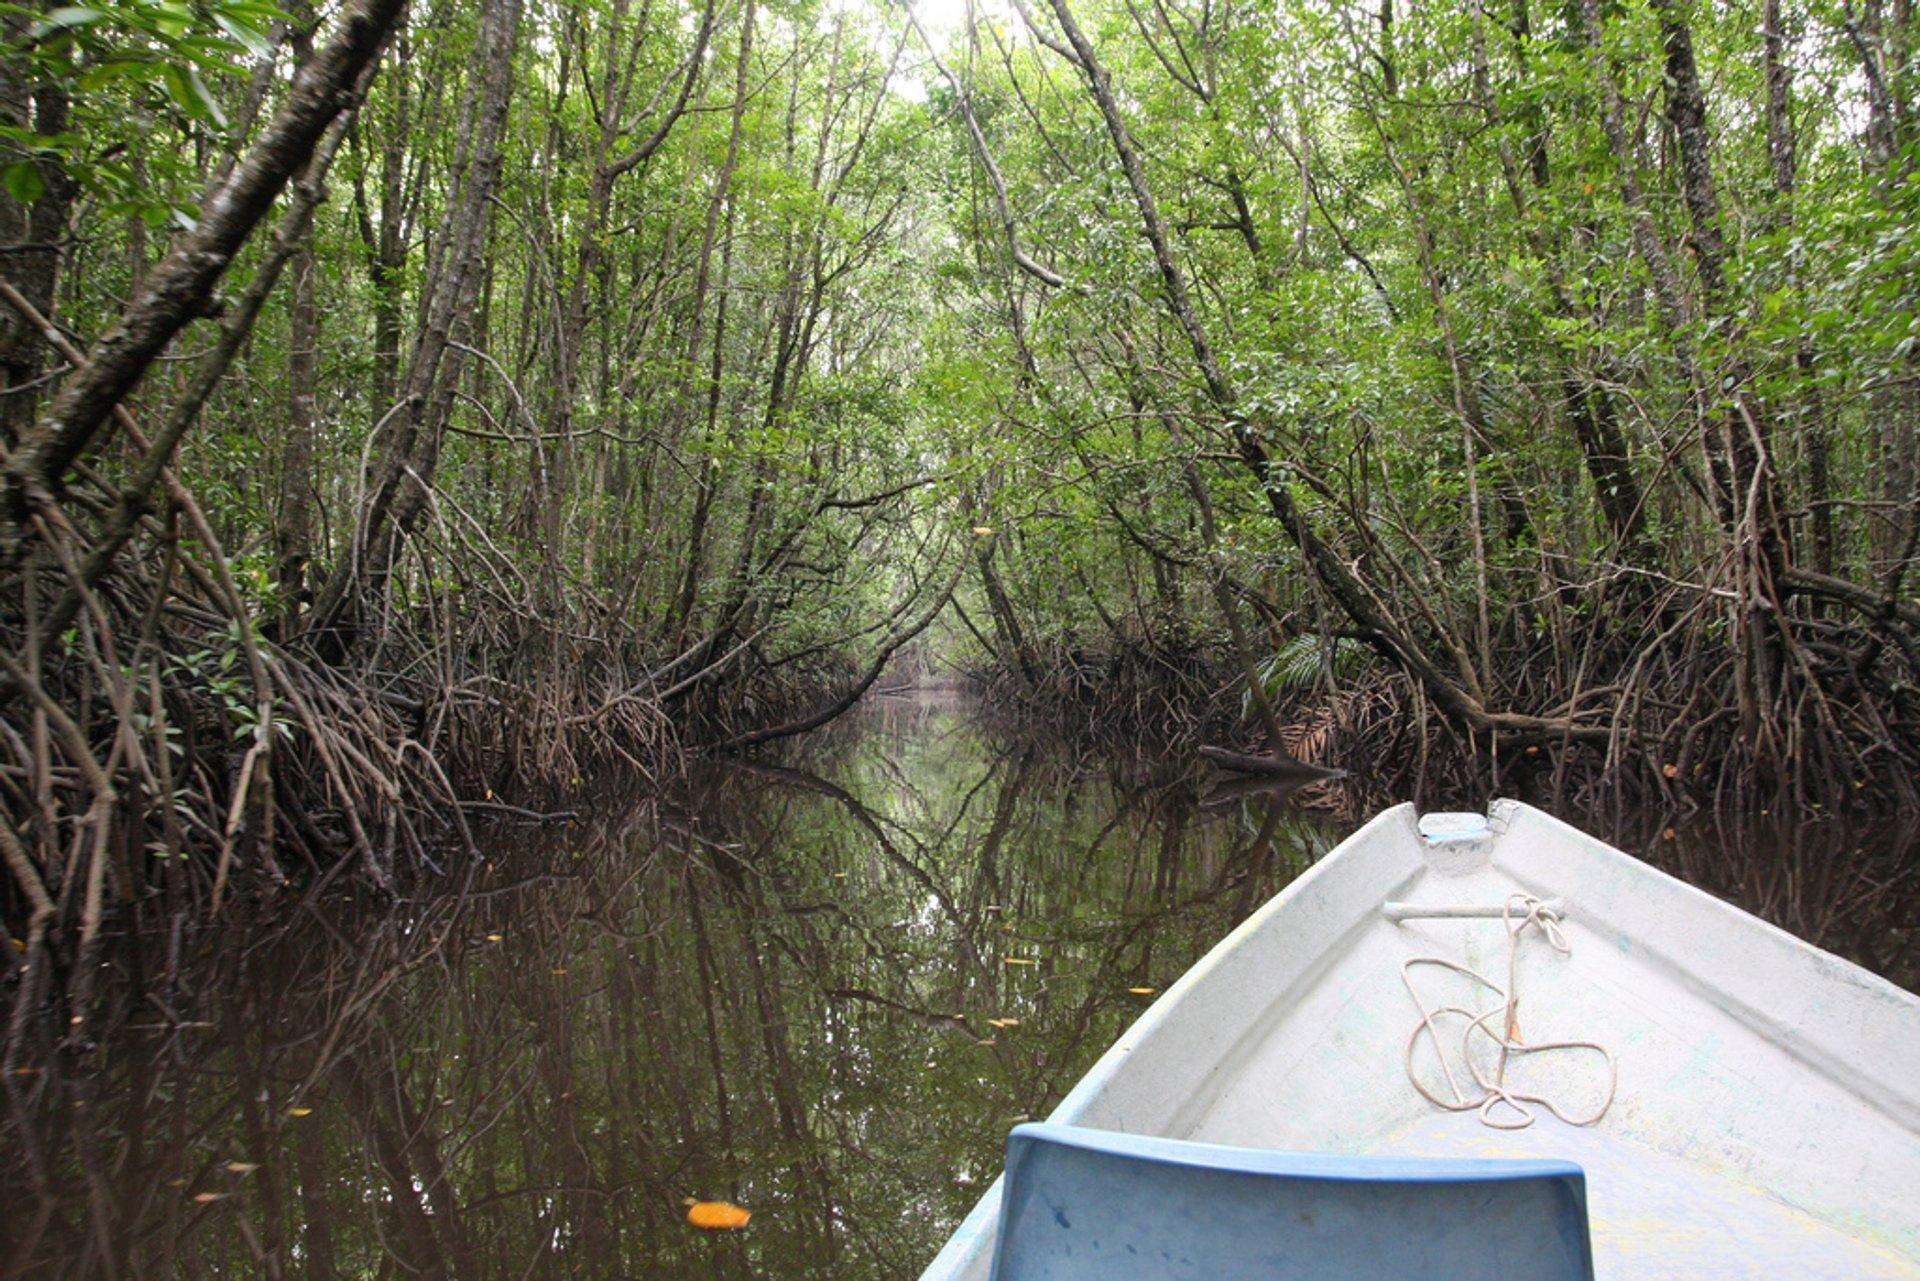 Boating around mangrove in Kampung Cherating, Pahang, Malaysia 2019